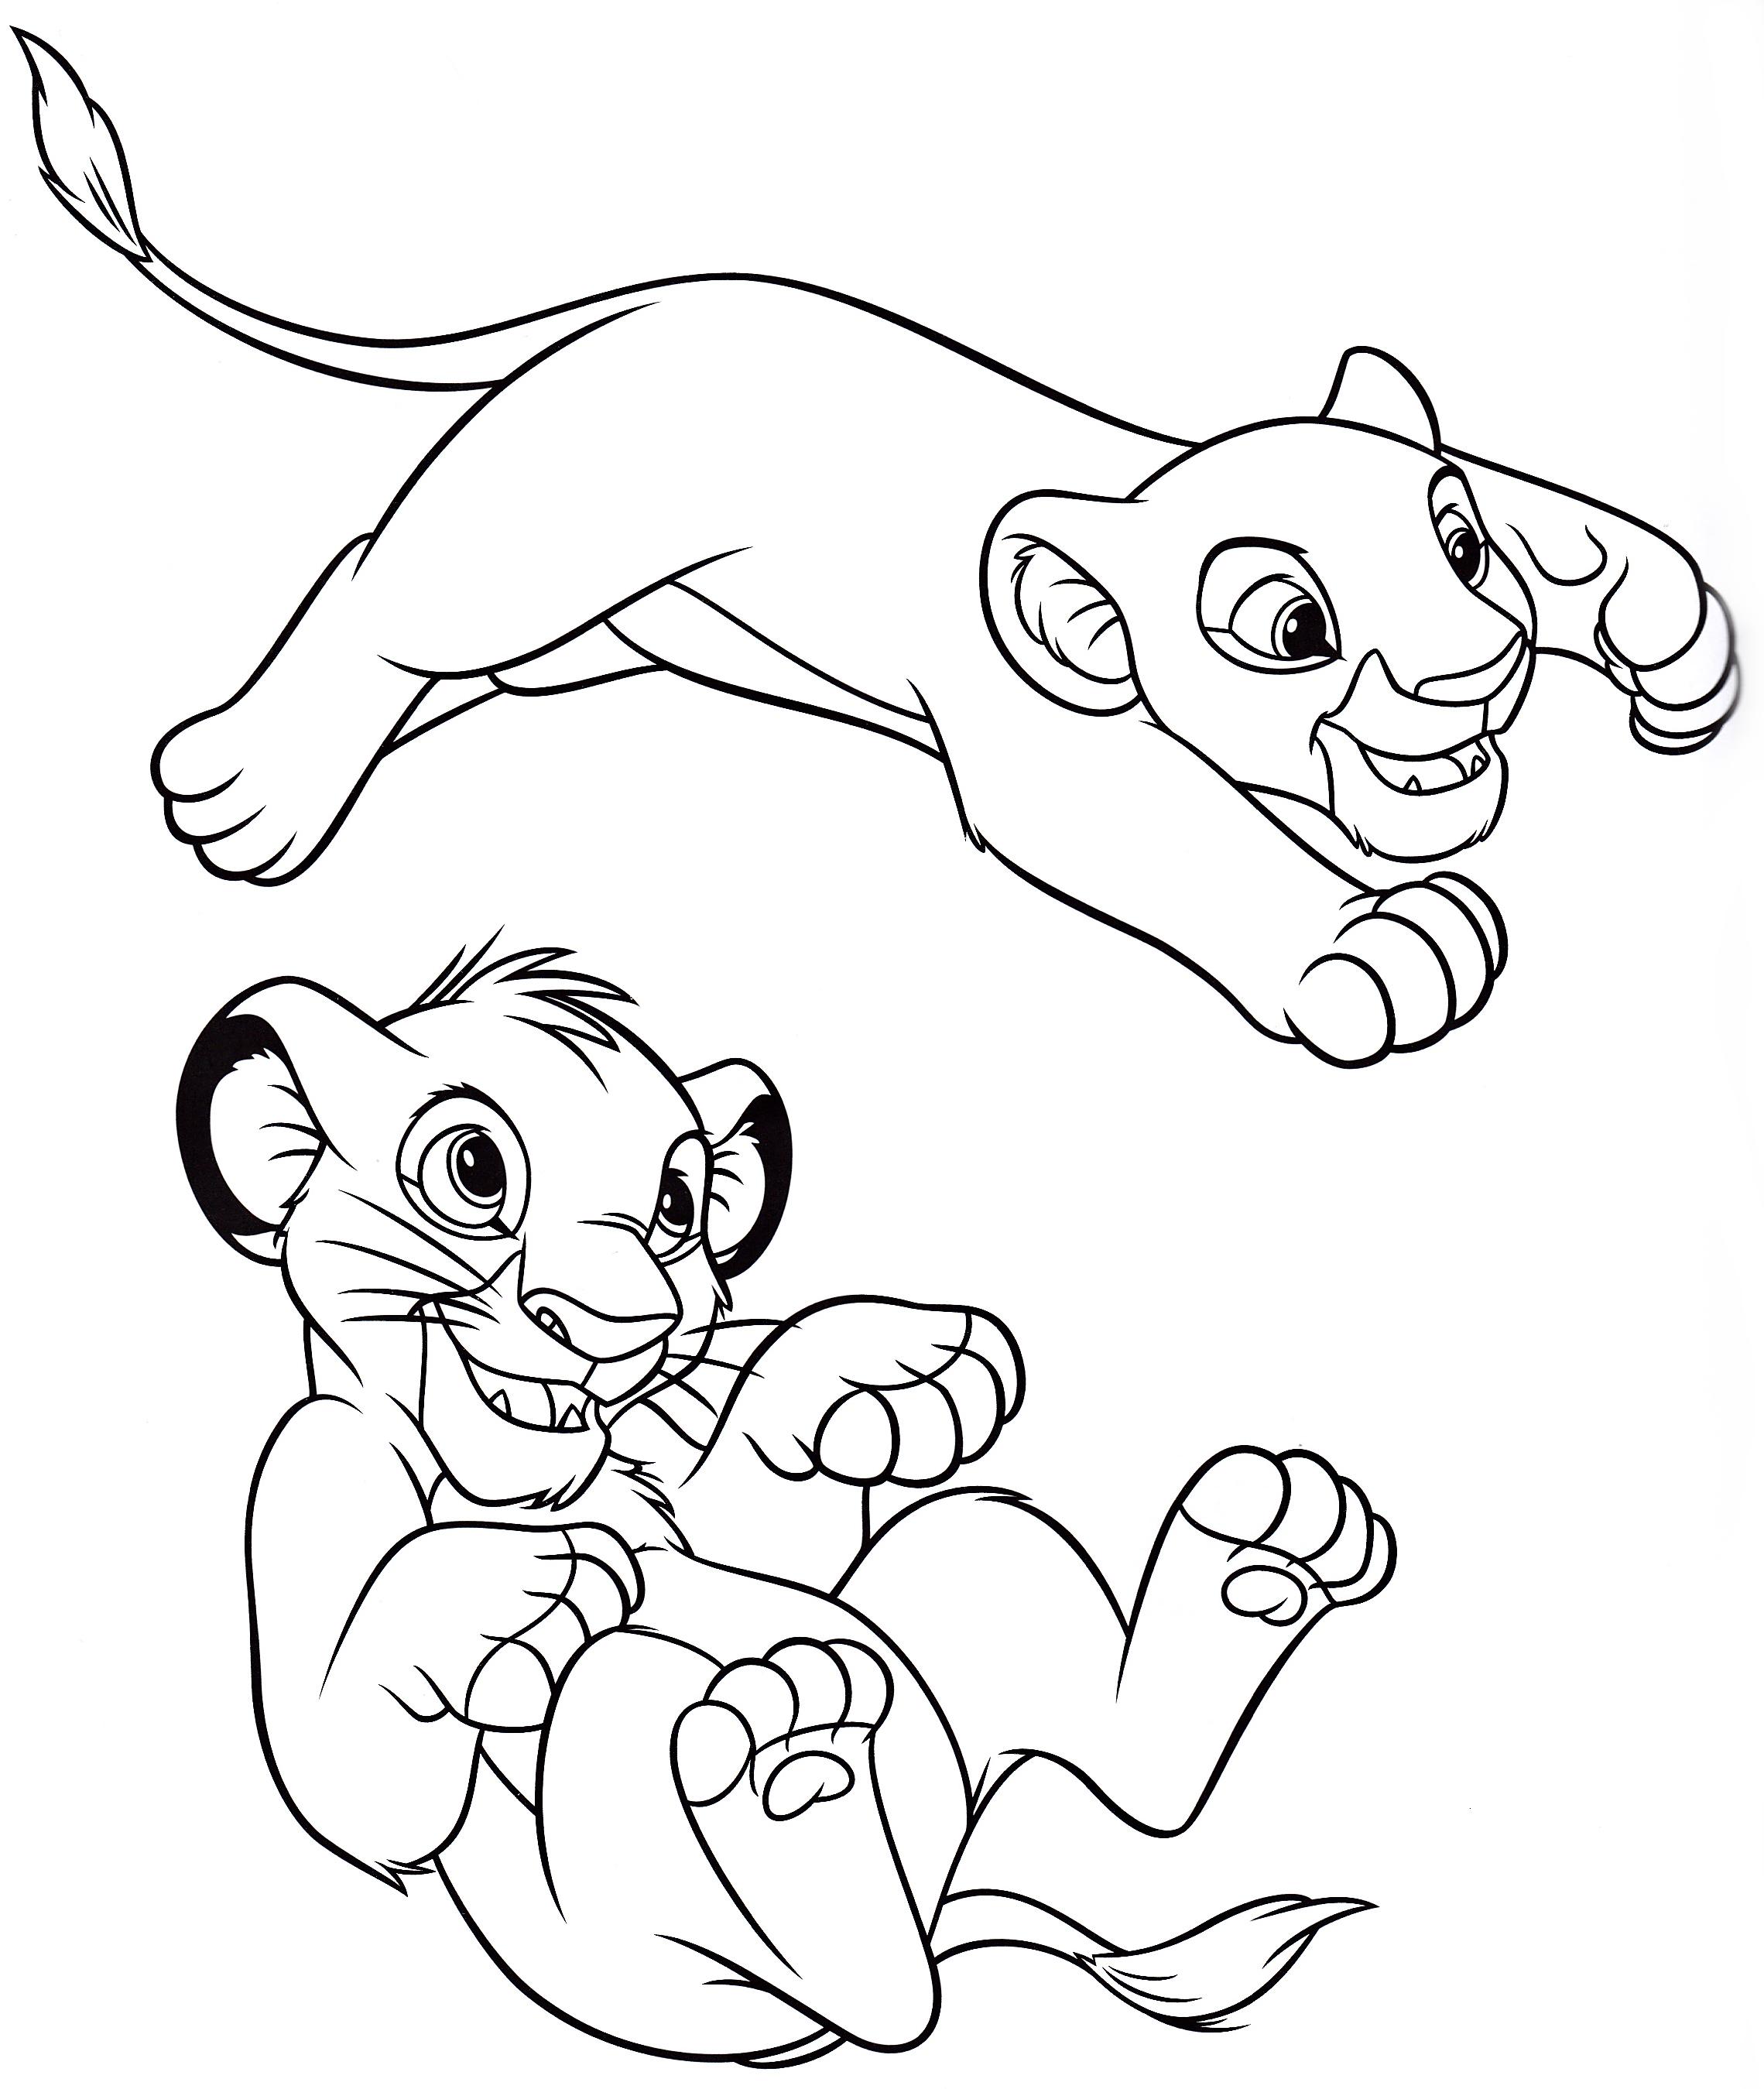 Walt Disney Coloring Pages – Nala & Simba